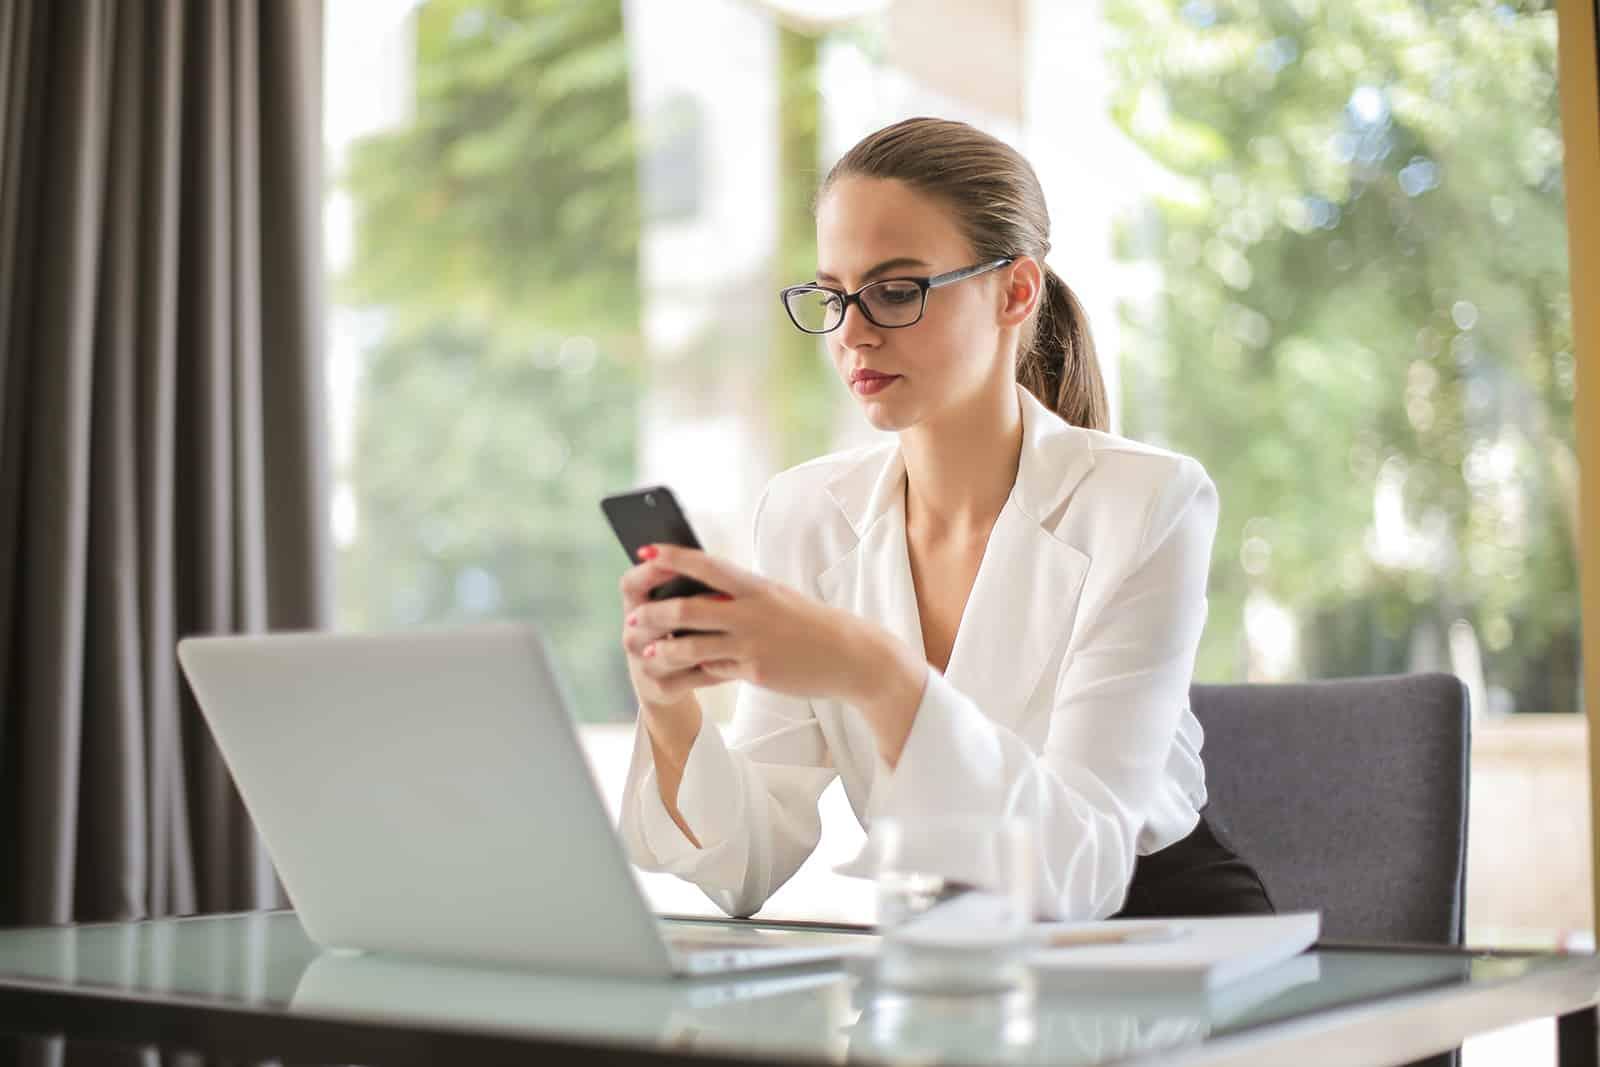 eine ernste Frau, die Smartphone betrachtet, das im Büro sitzt